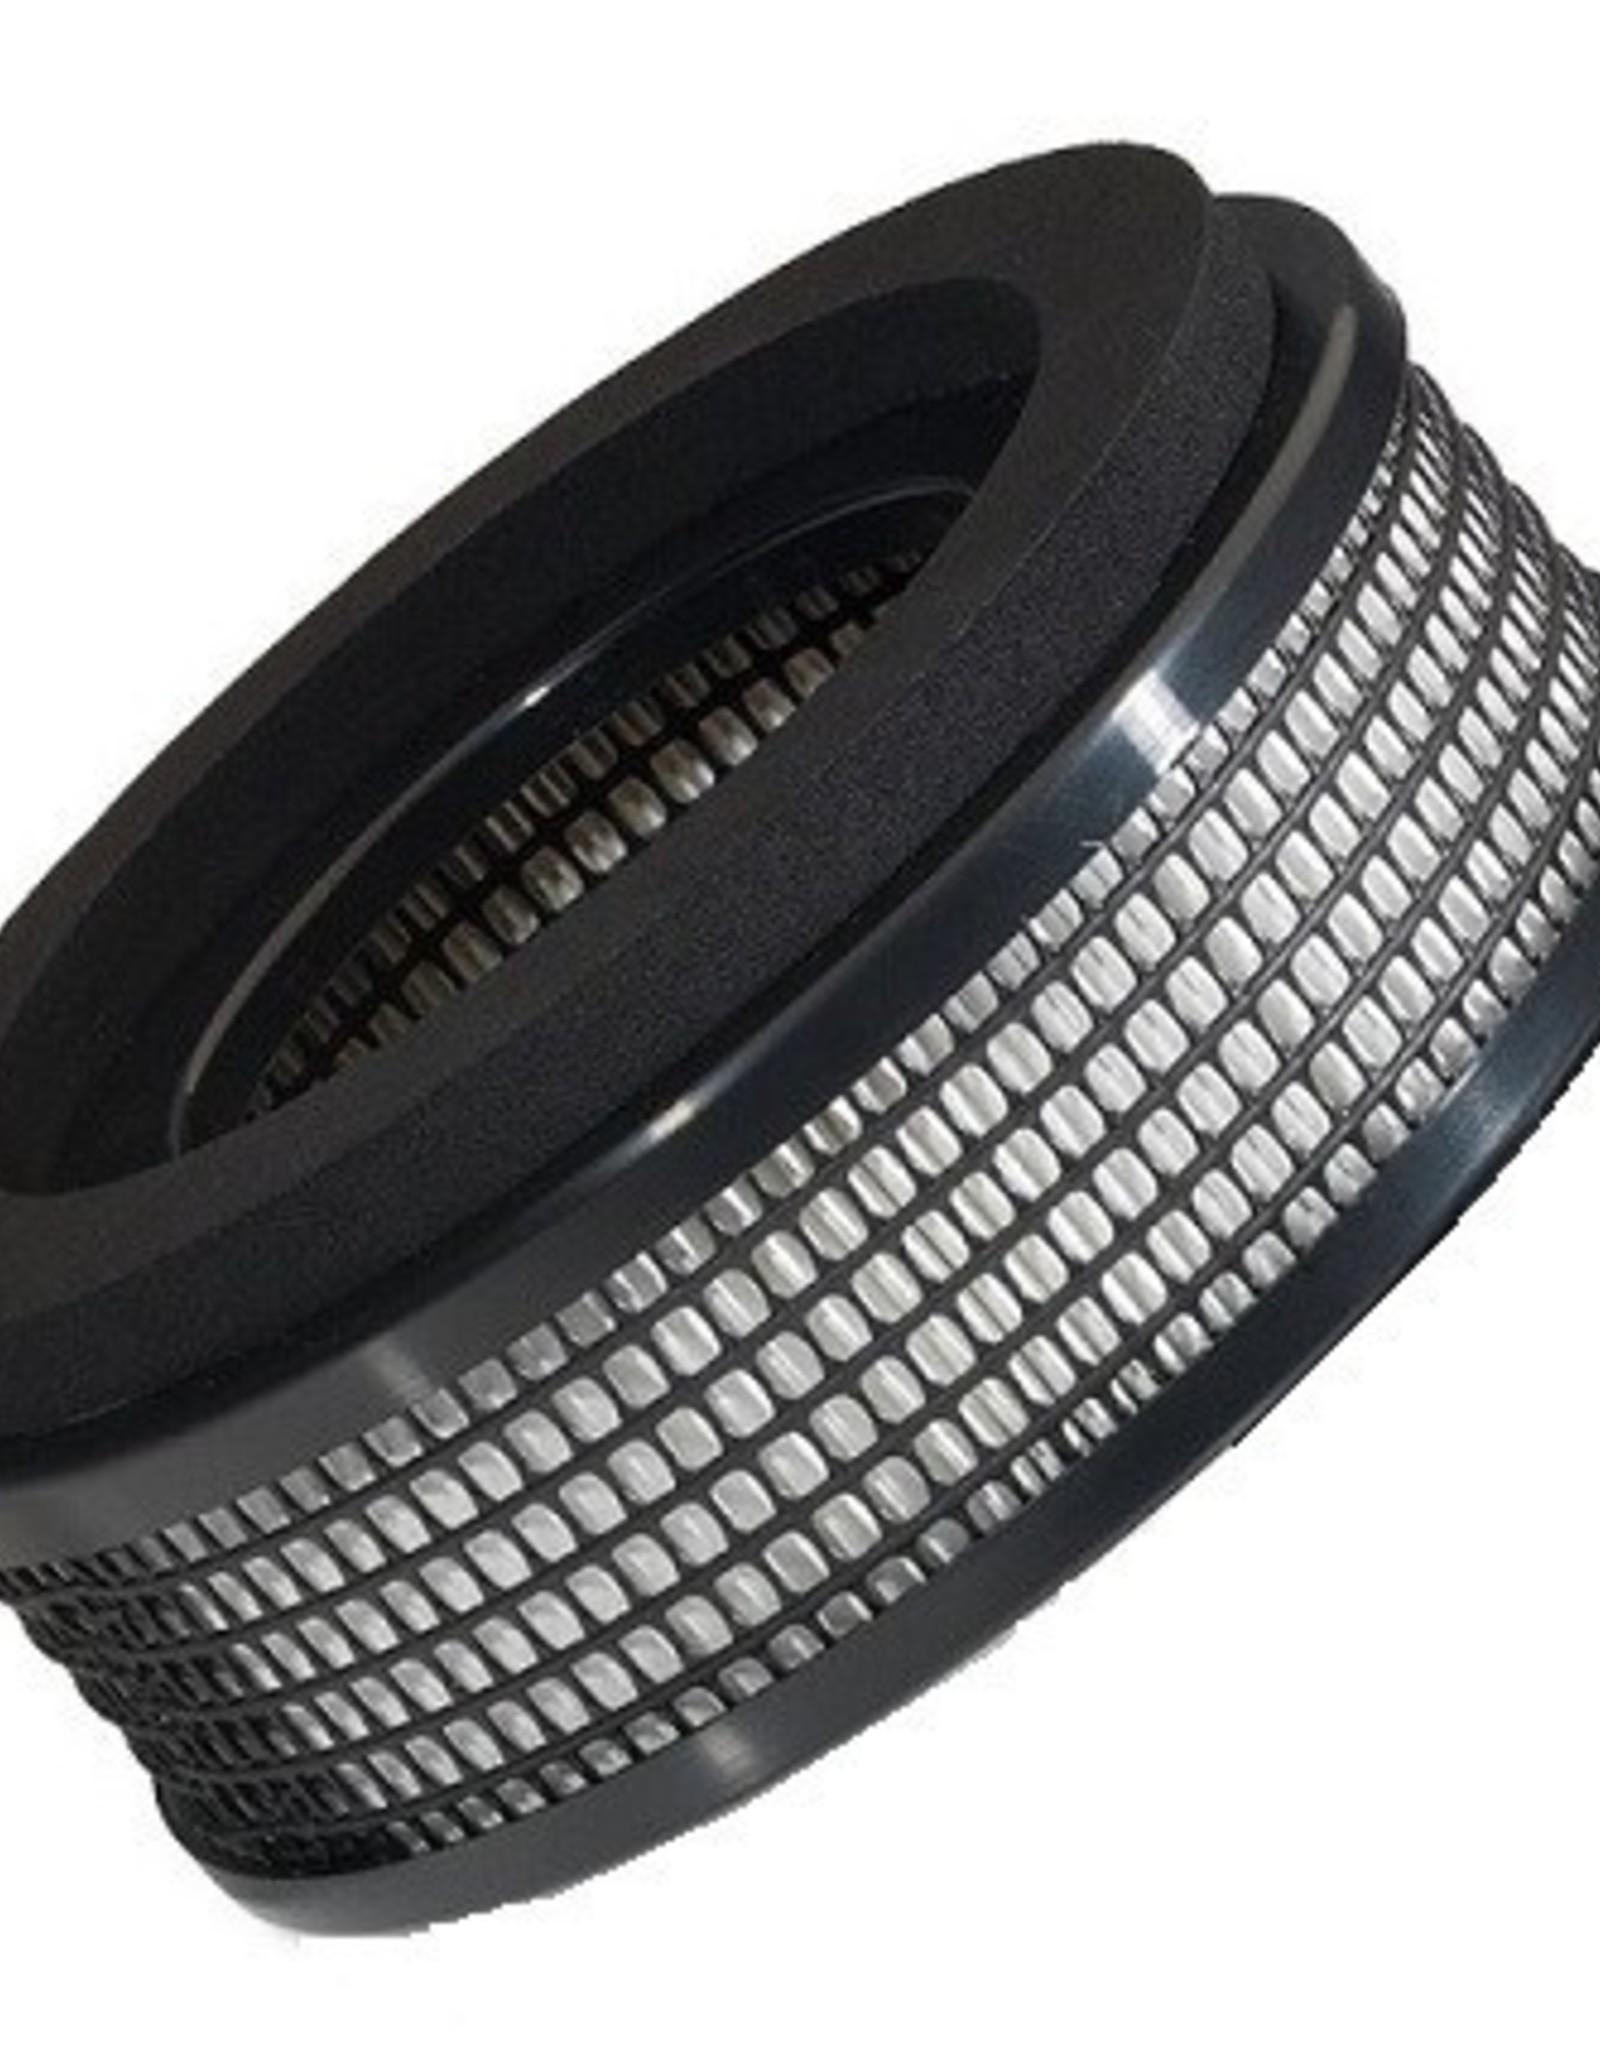 NUMATIC Atex Hepa cartridge filter